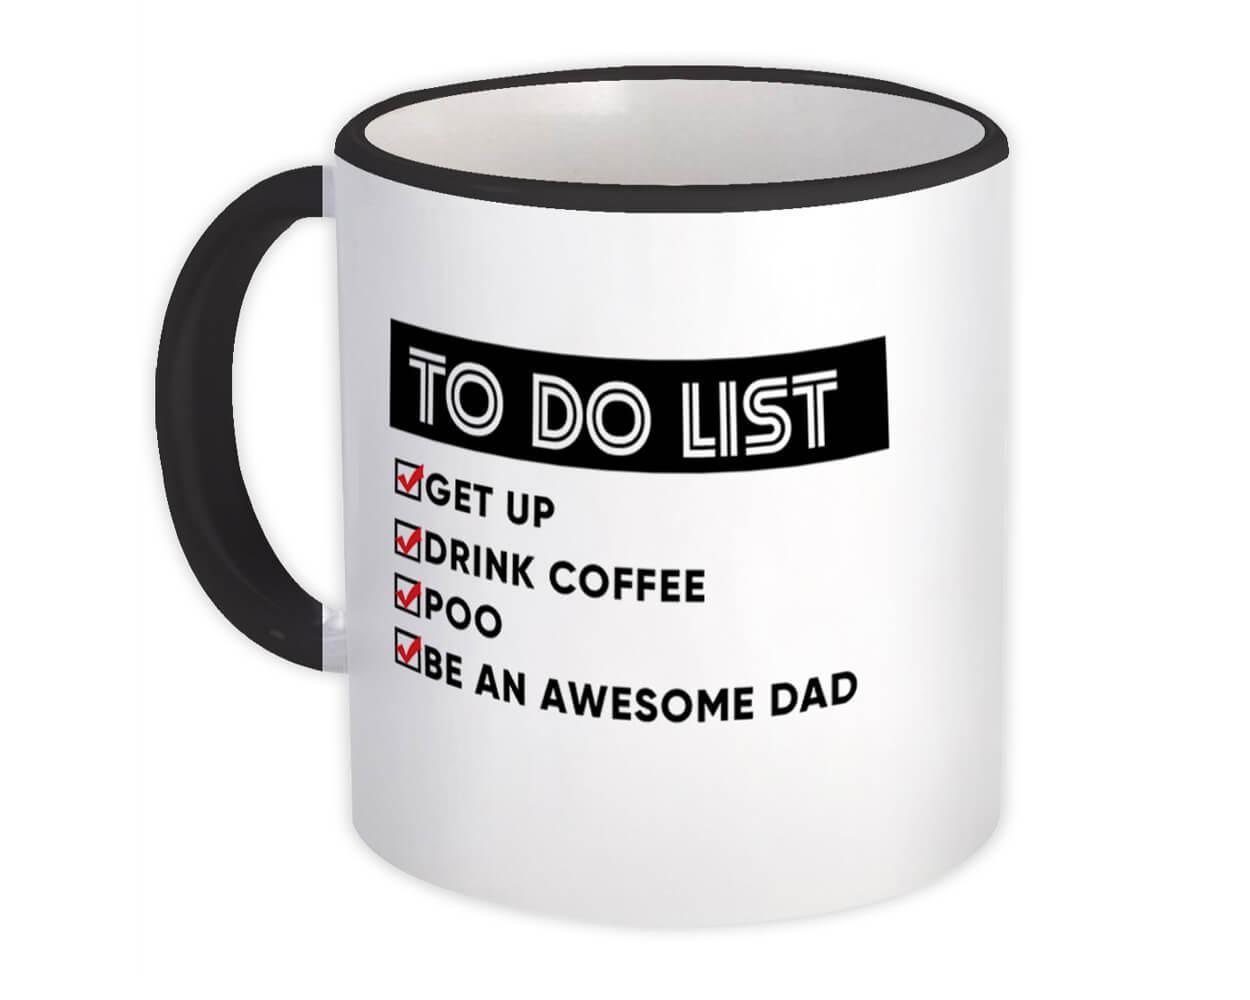 To Do List Awesome DAD : Gift Mug Father Coffee Poo Get Up Christmas Birthday